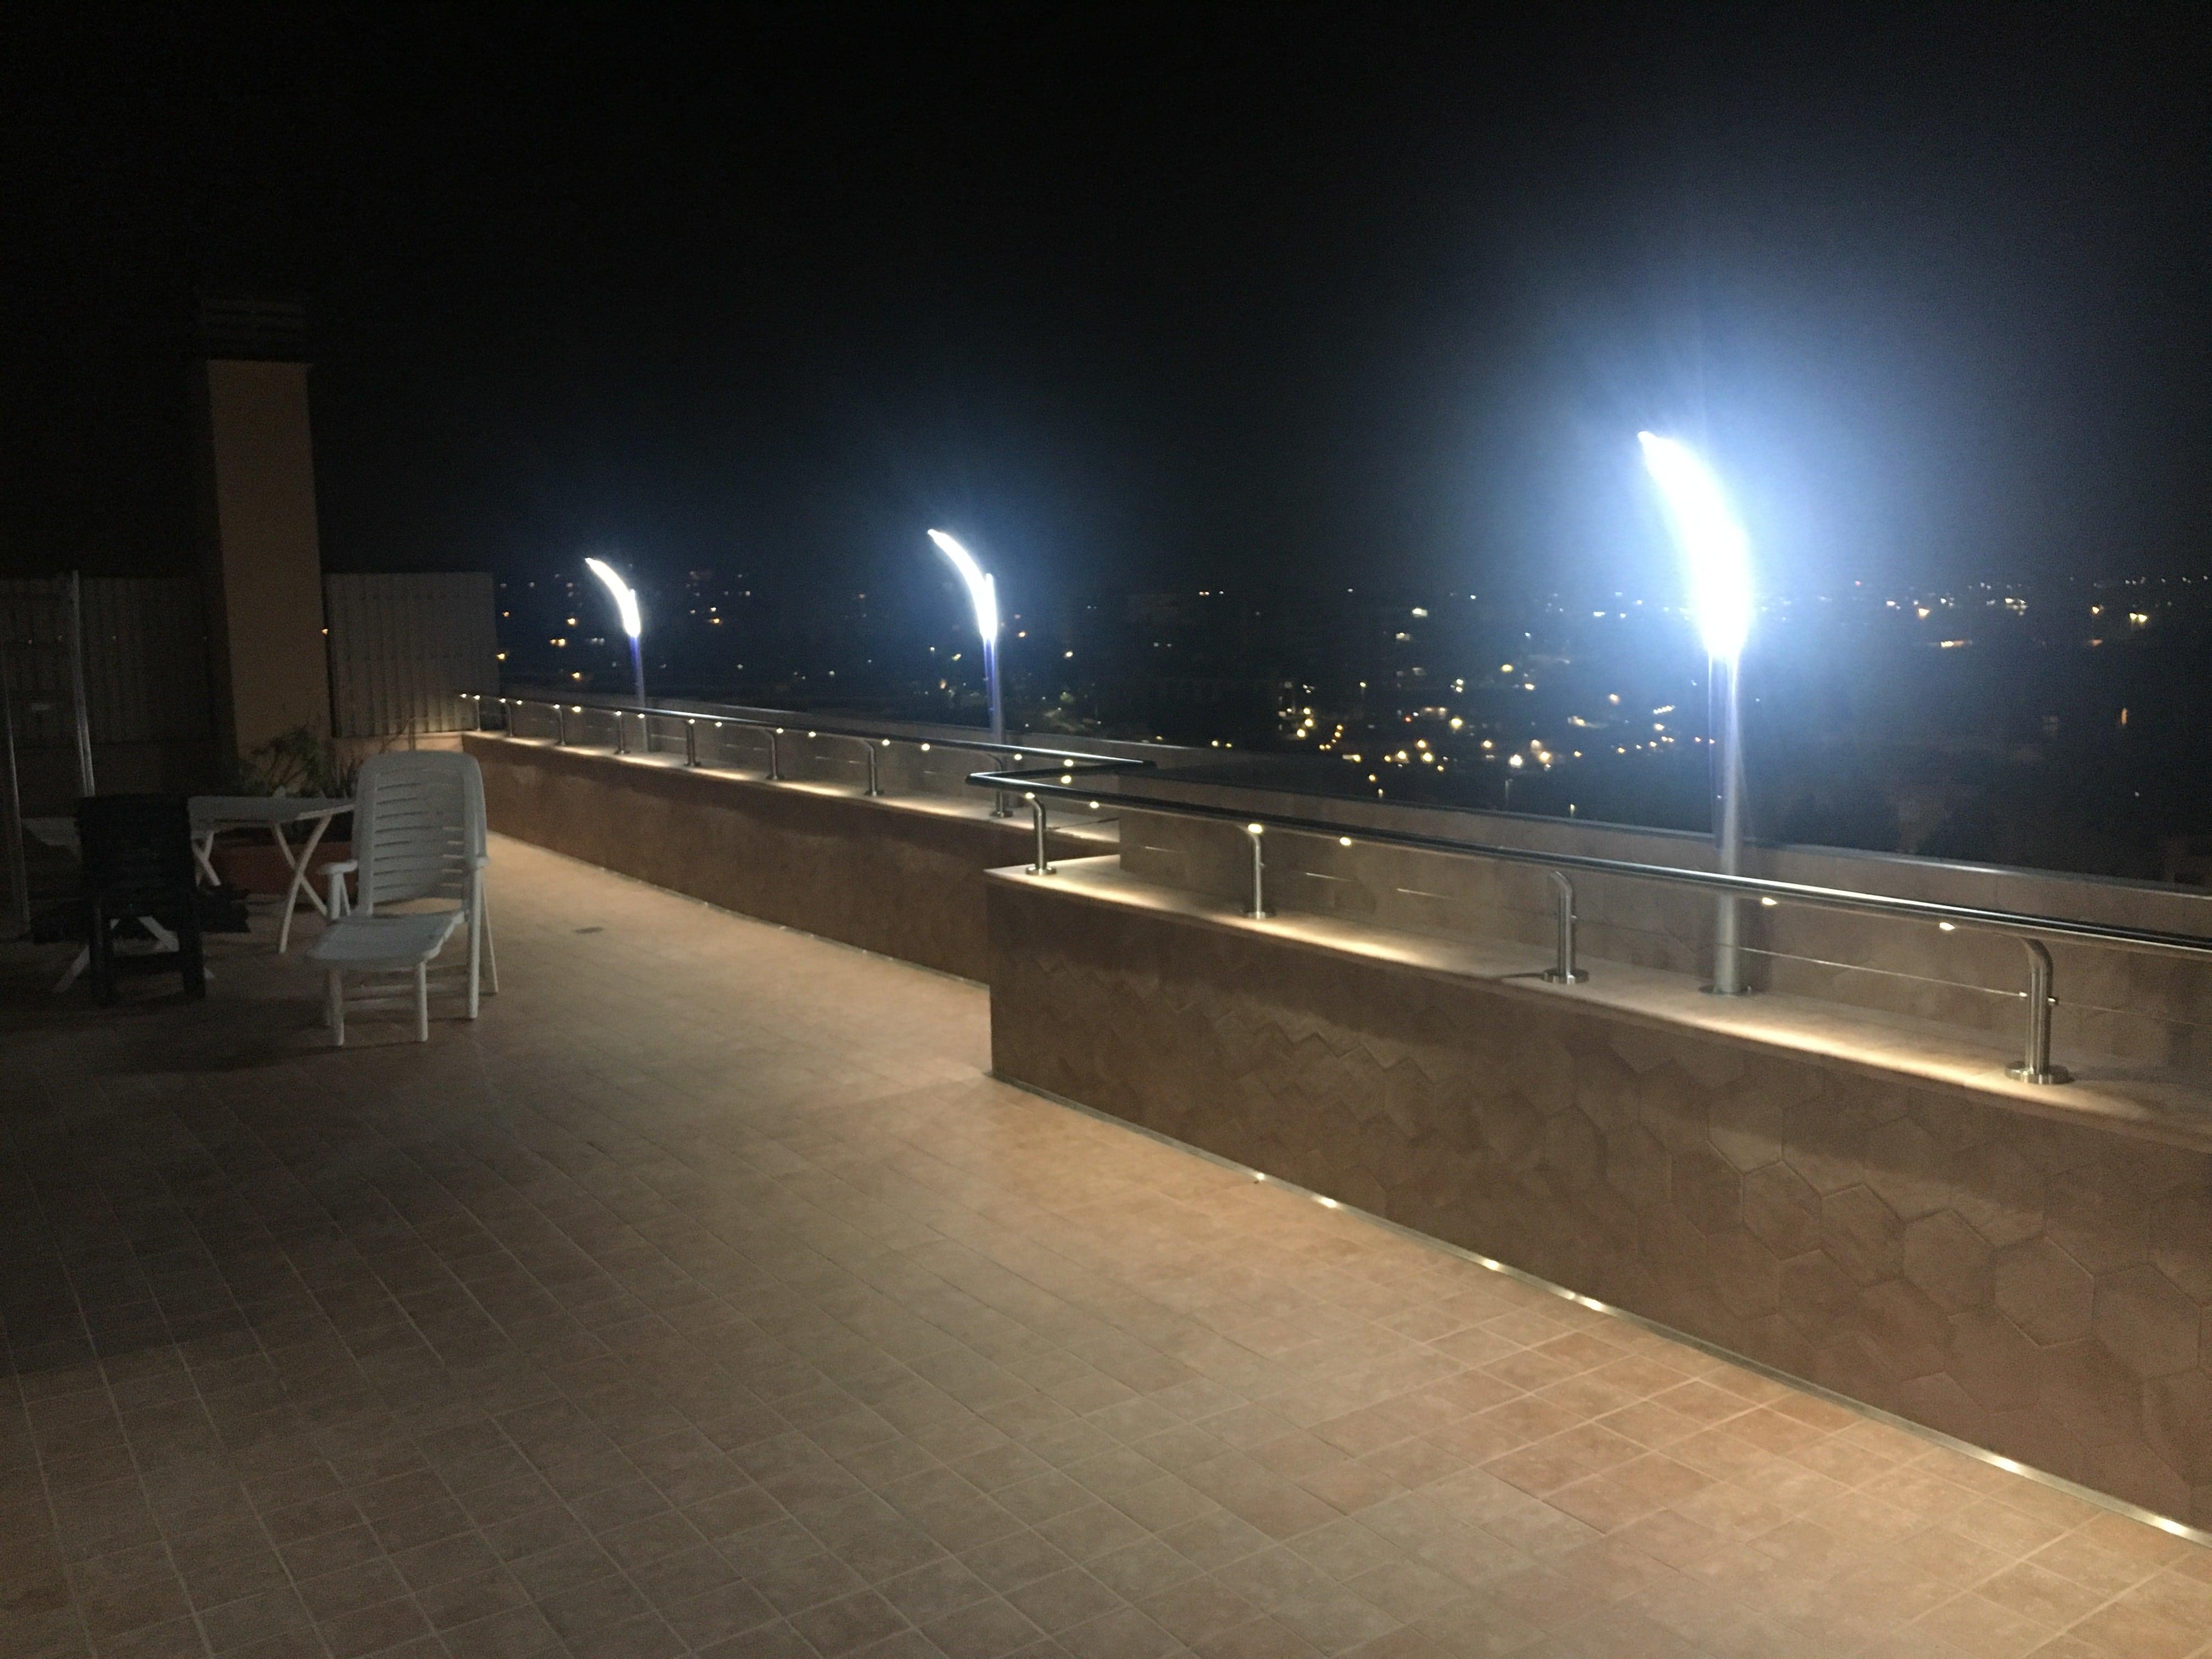 Luci Per Tettoia In Legno 3 idee di illuminazione terrazzo attico - illuminazione giardino